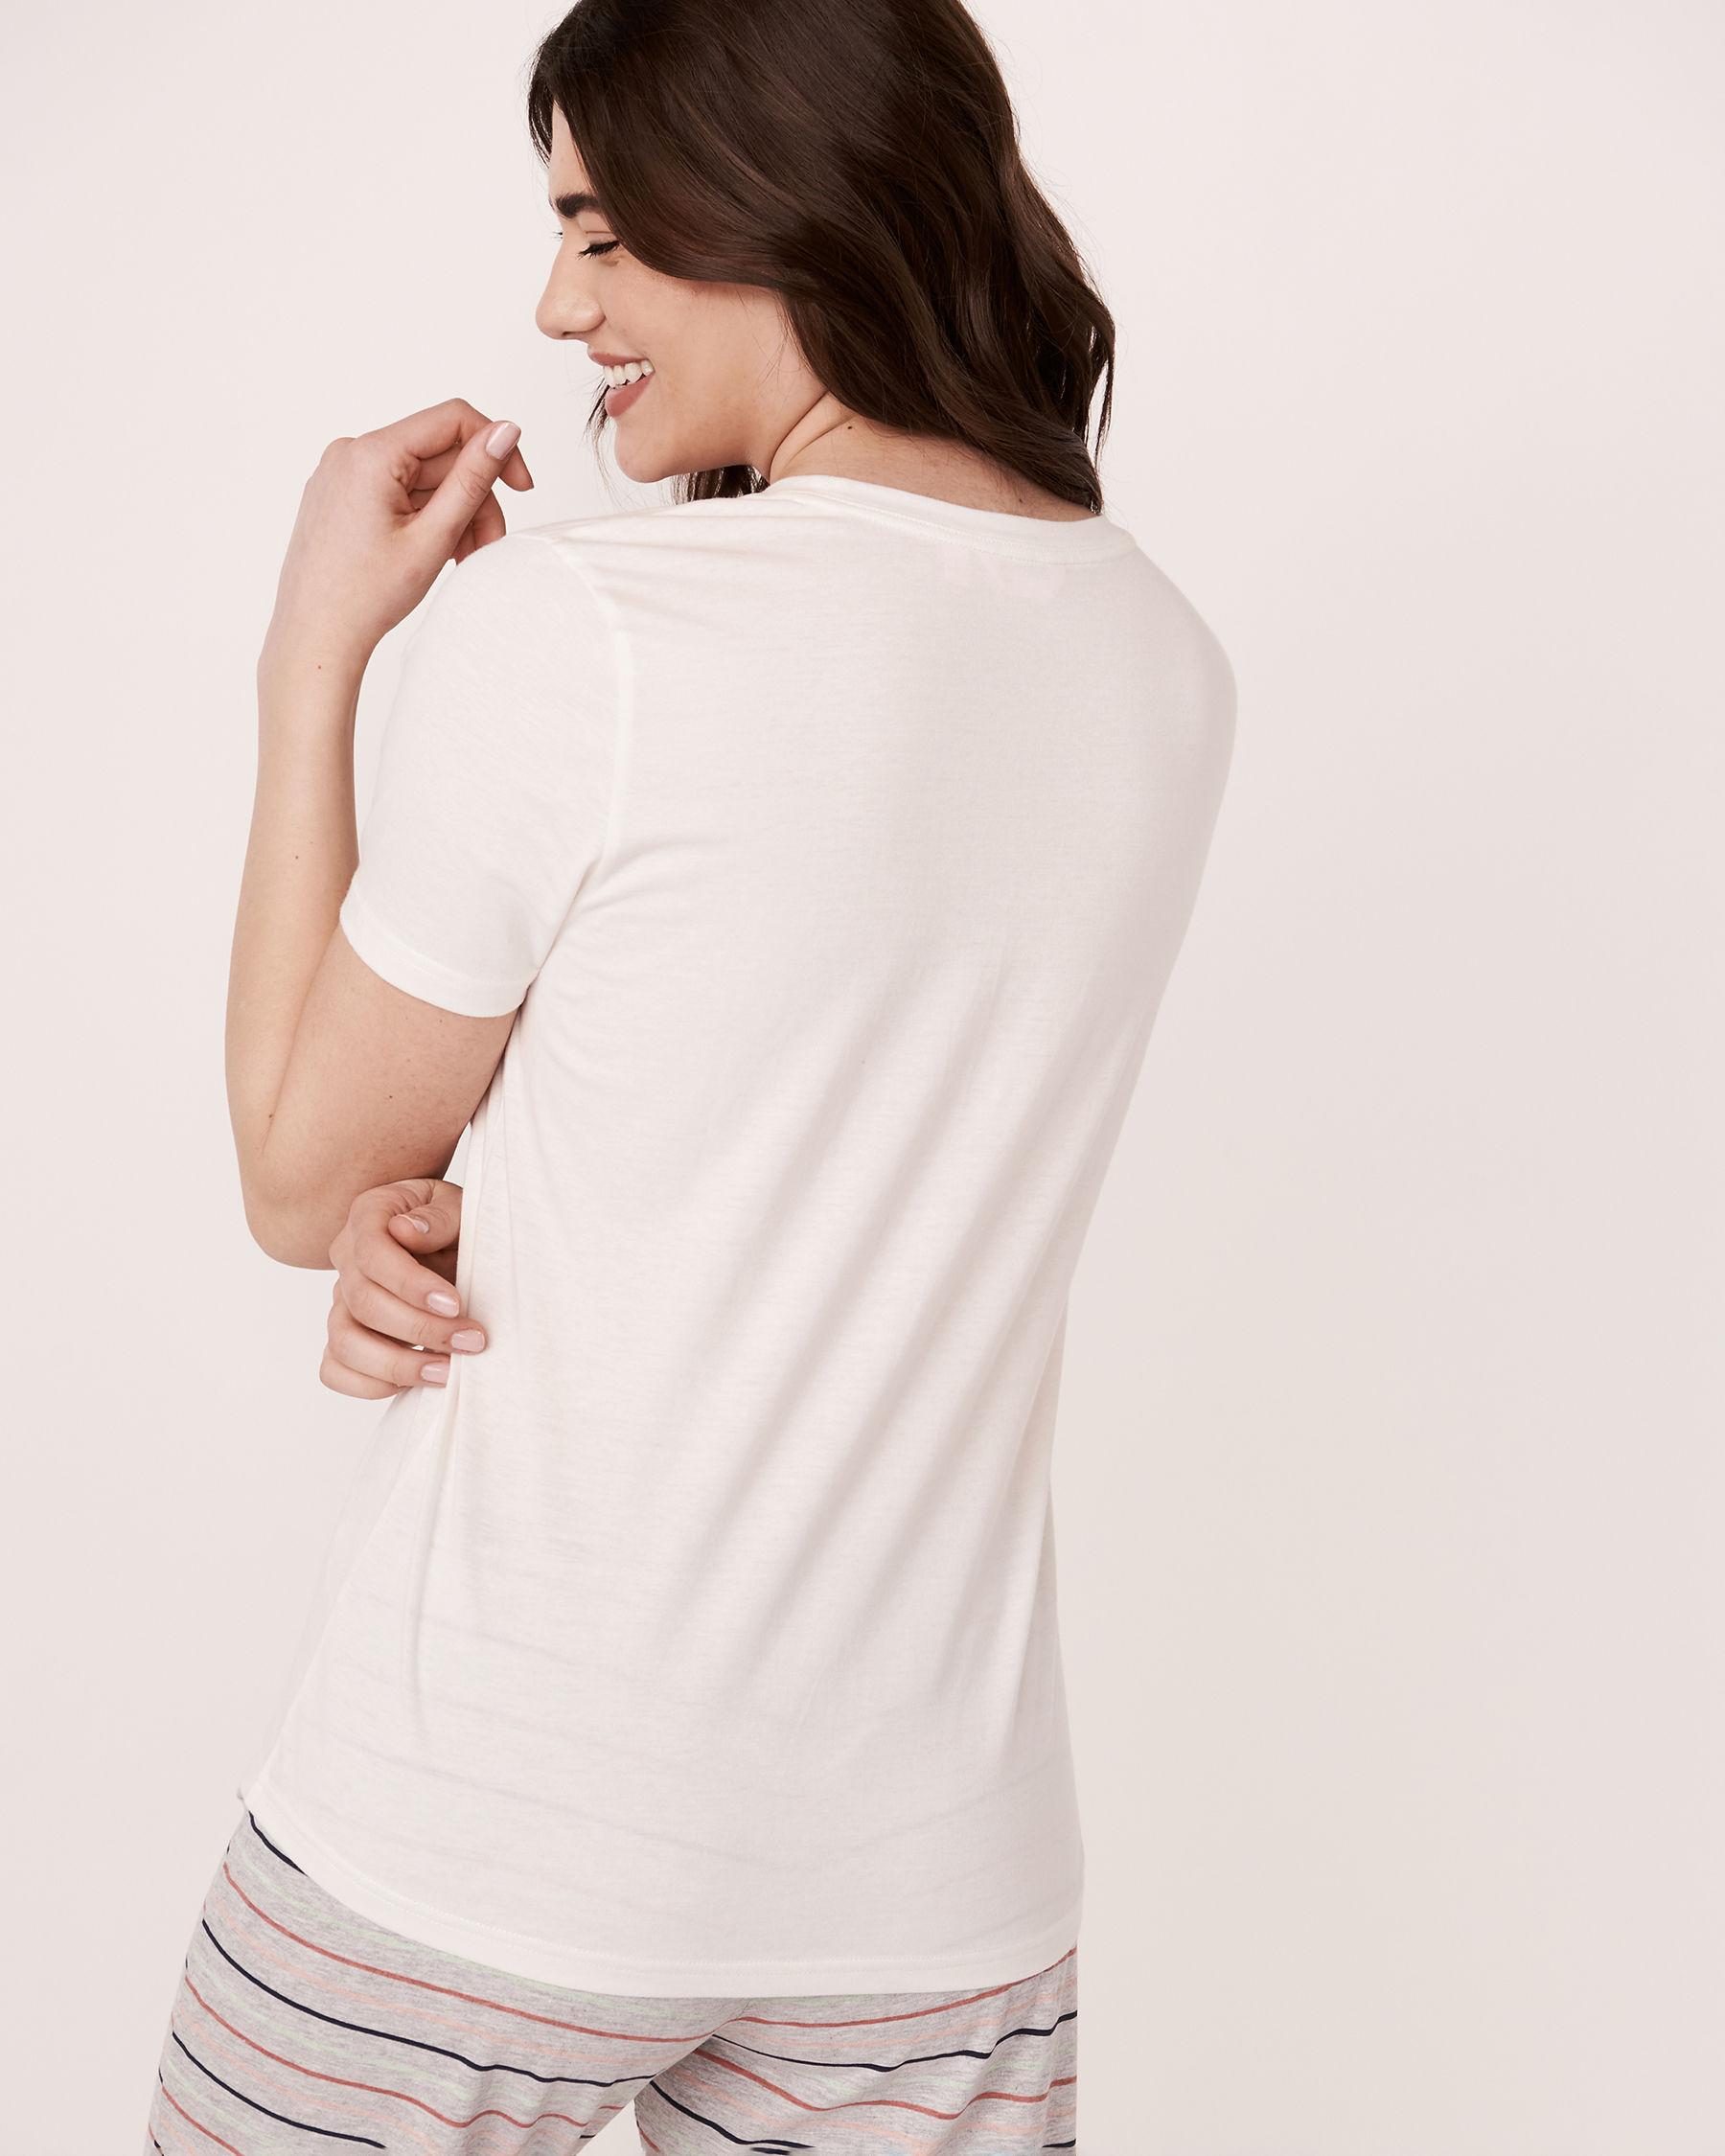 LA VIE EN ROSE V-neckline T-Shirt White 40100114 - View3